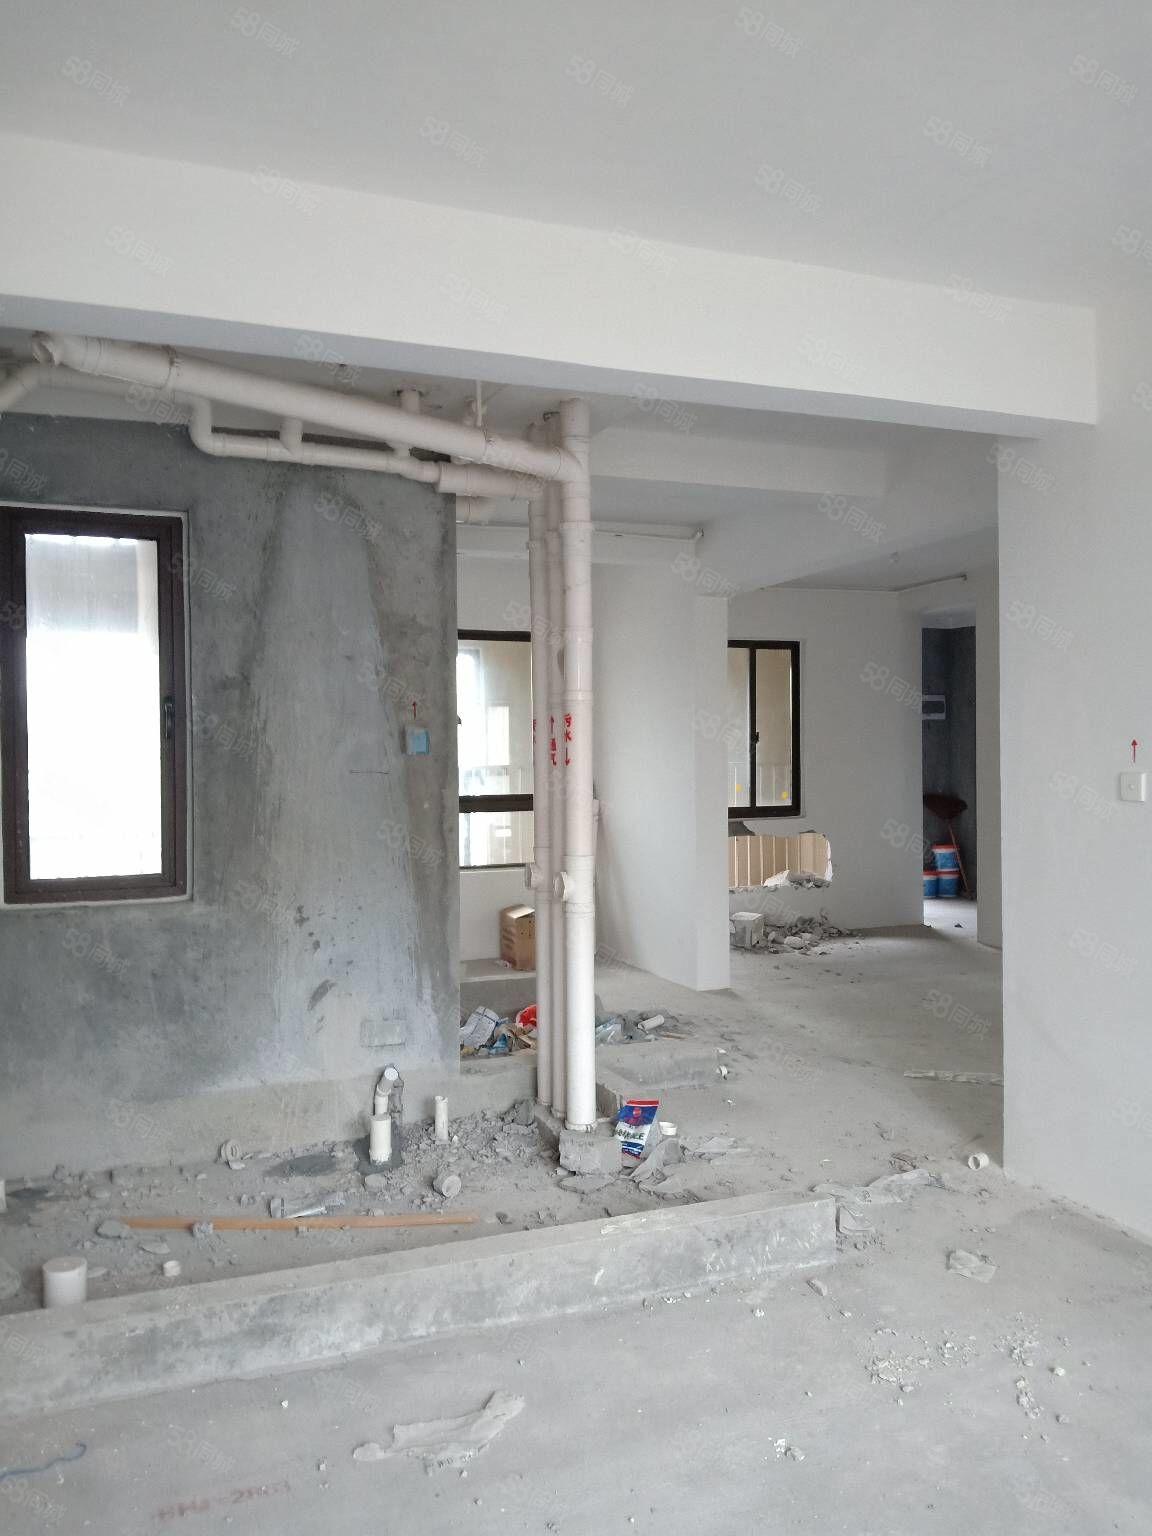 华鸿毛坯房出售,三室两厅两卫双阳台,前后通透,看房随时有钥匙